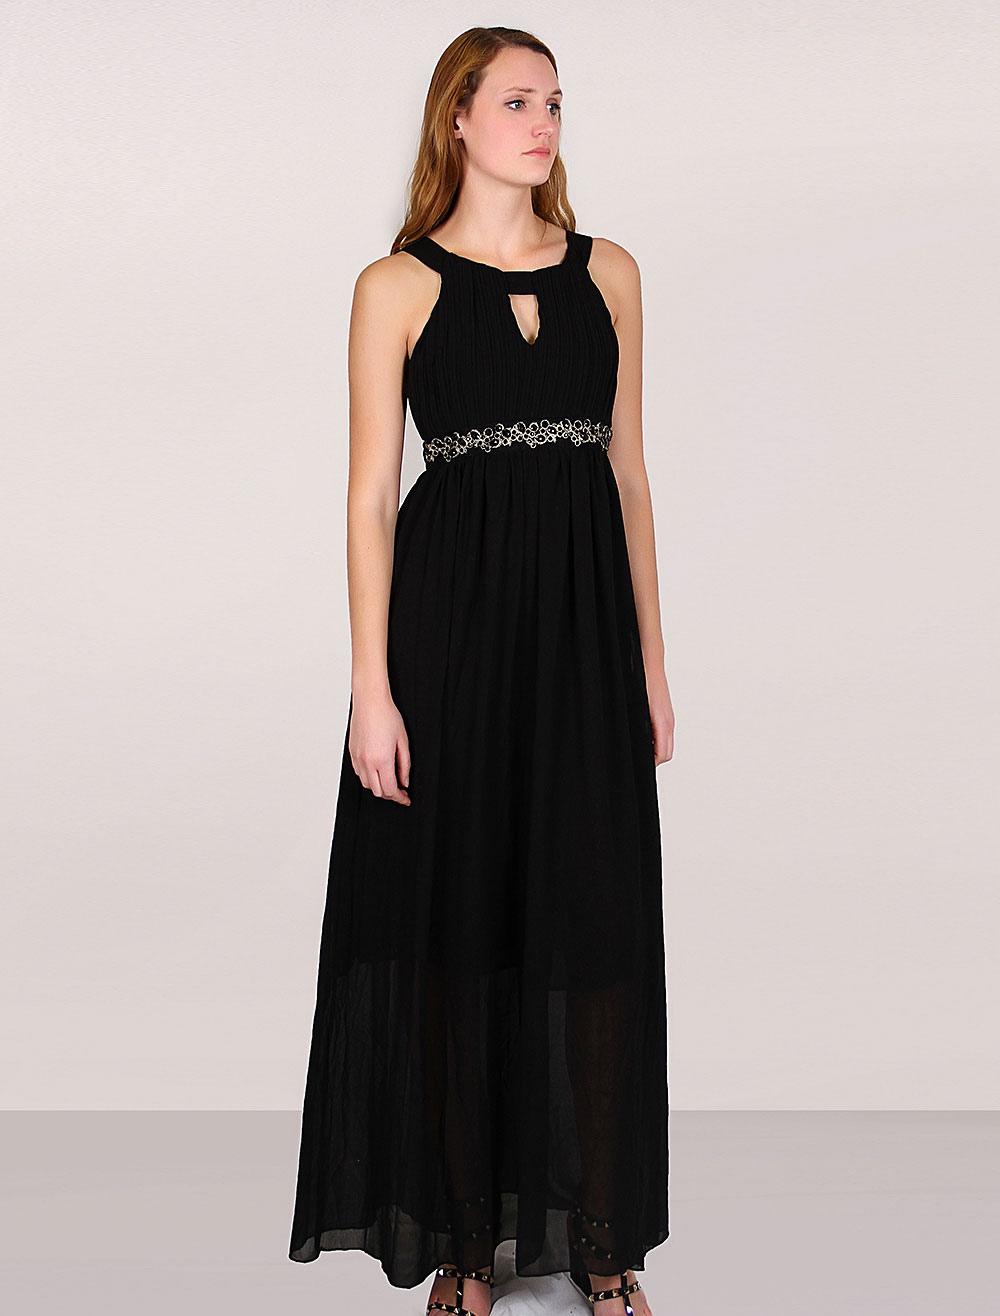 robe longue bretelles noire. Black Bedroom Furniture Sets. Home Design Ideas